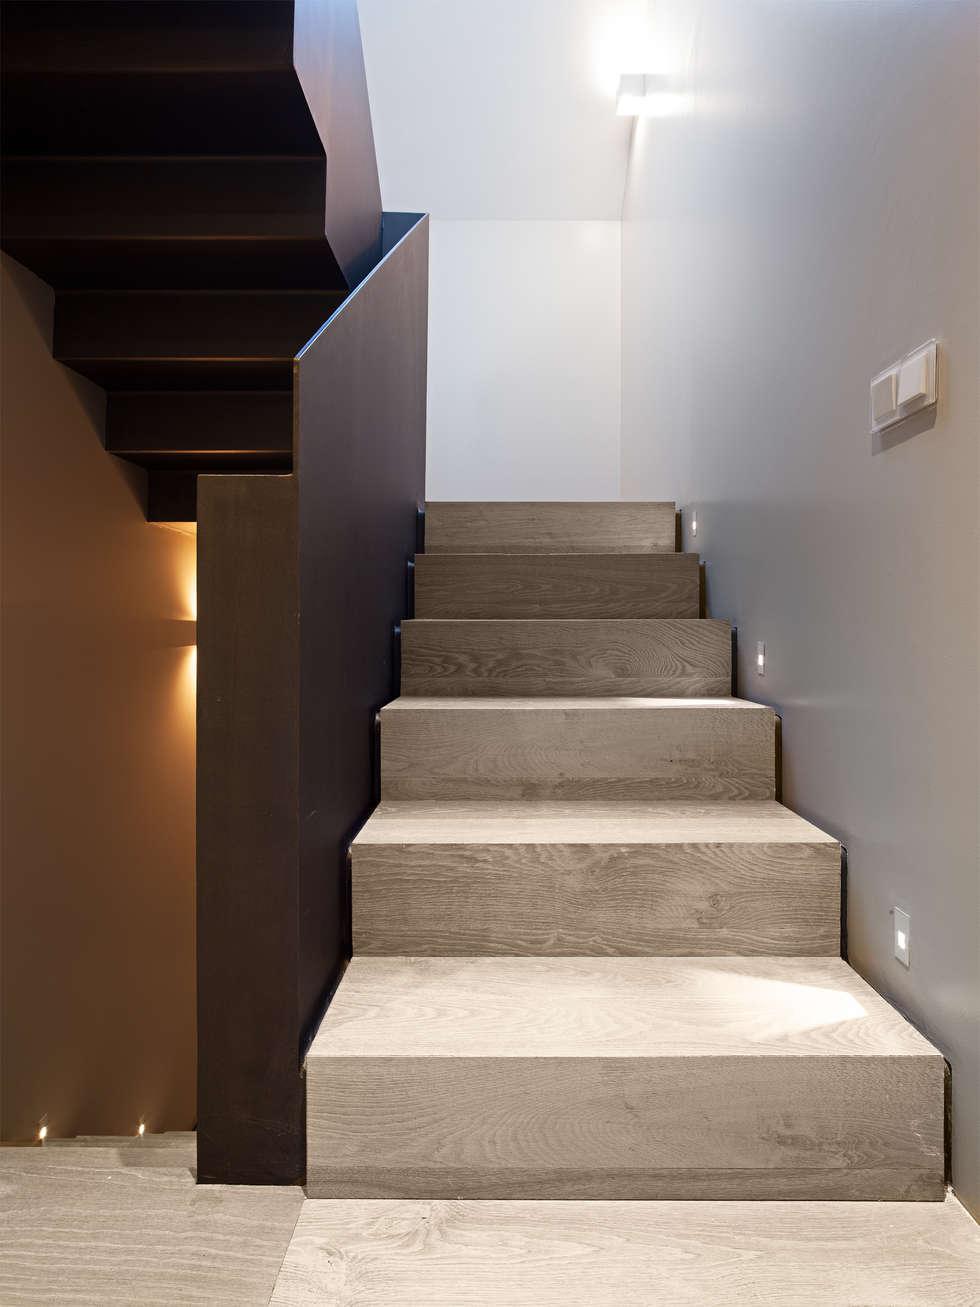 TARIMA DE ROBLE STORM - Proyecto Madrid: Ingresso & Corridoio in stile  di Tarimas de Autor